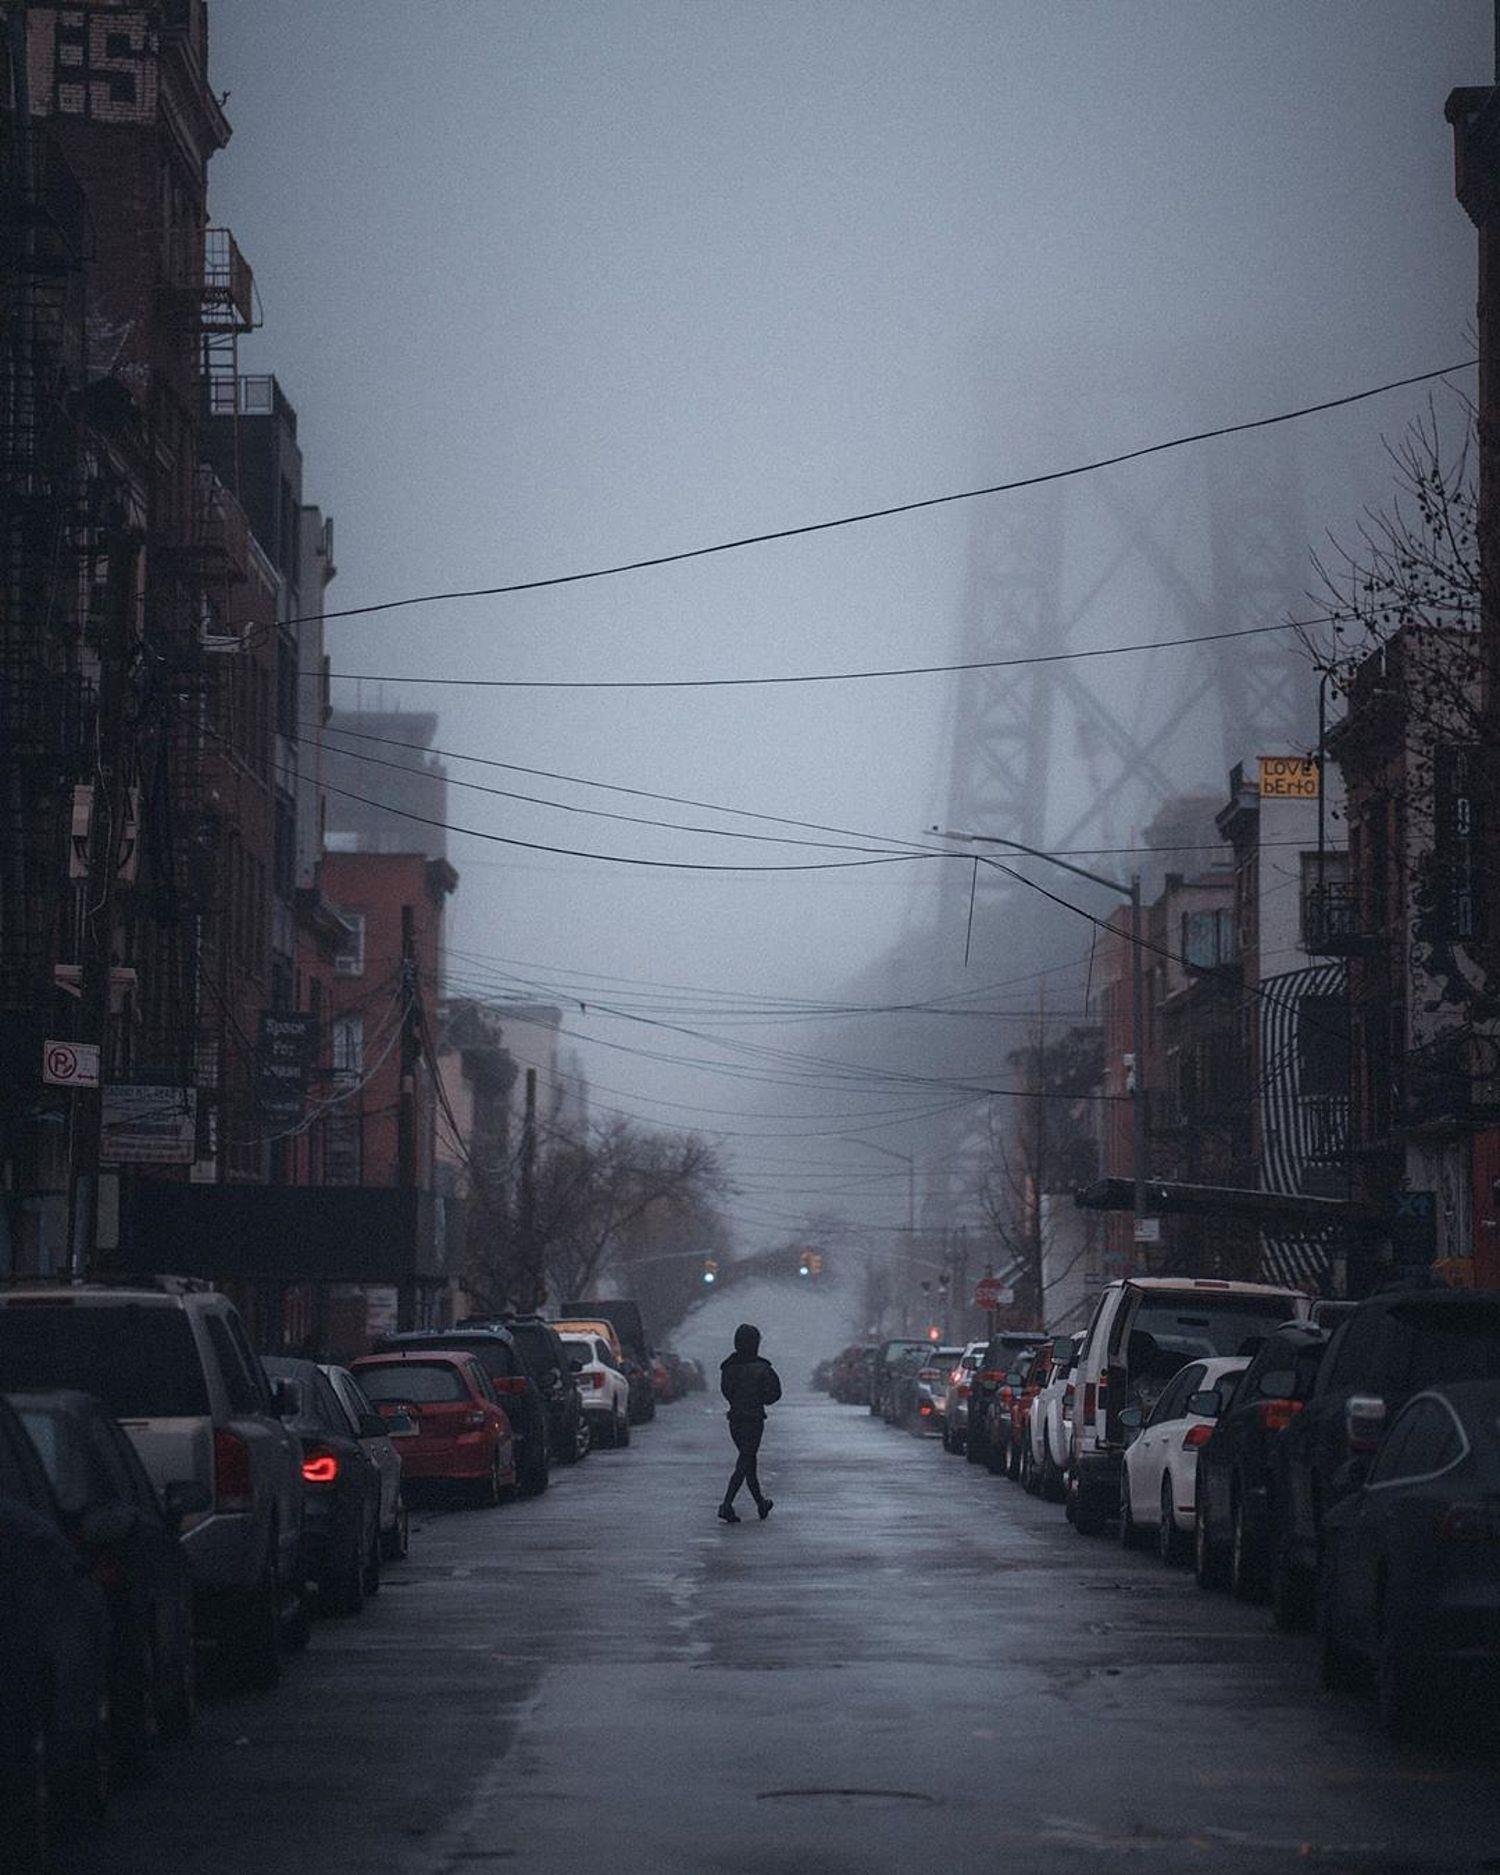 South 6th Street, Williamsburg, Brooklyn